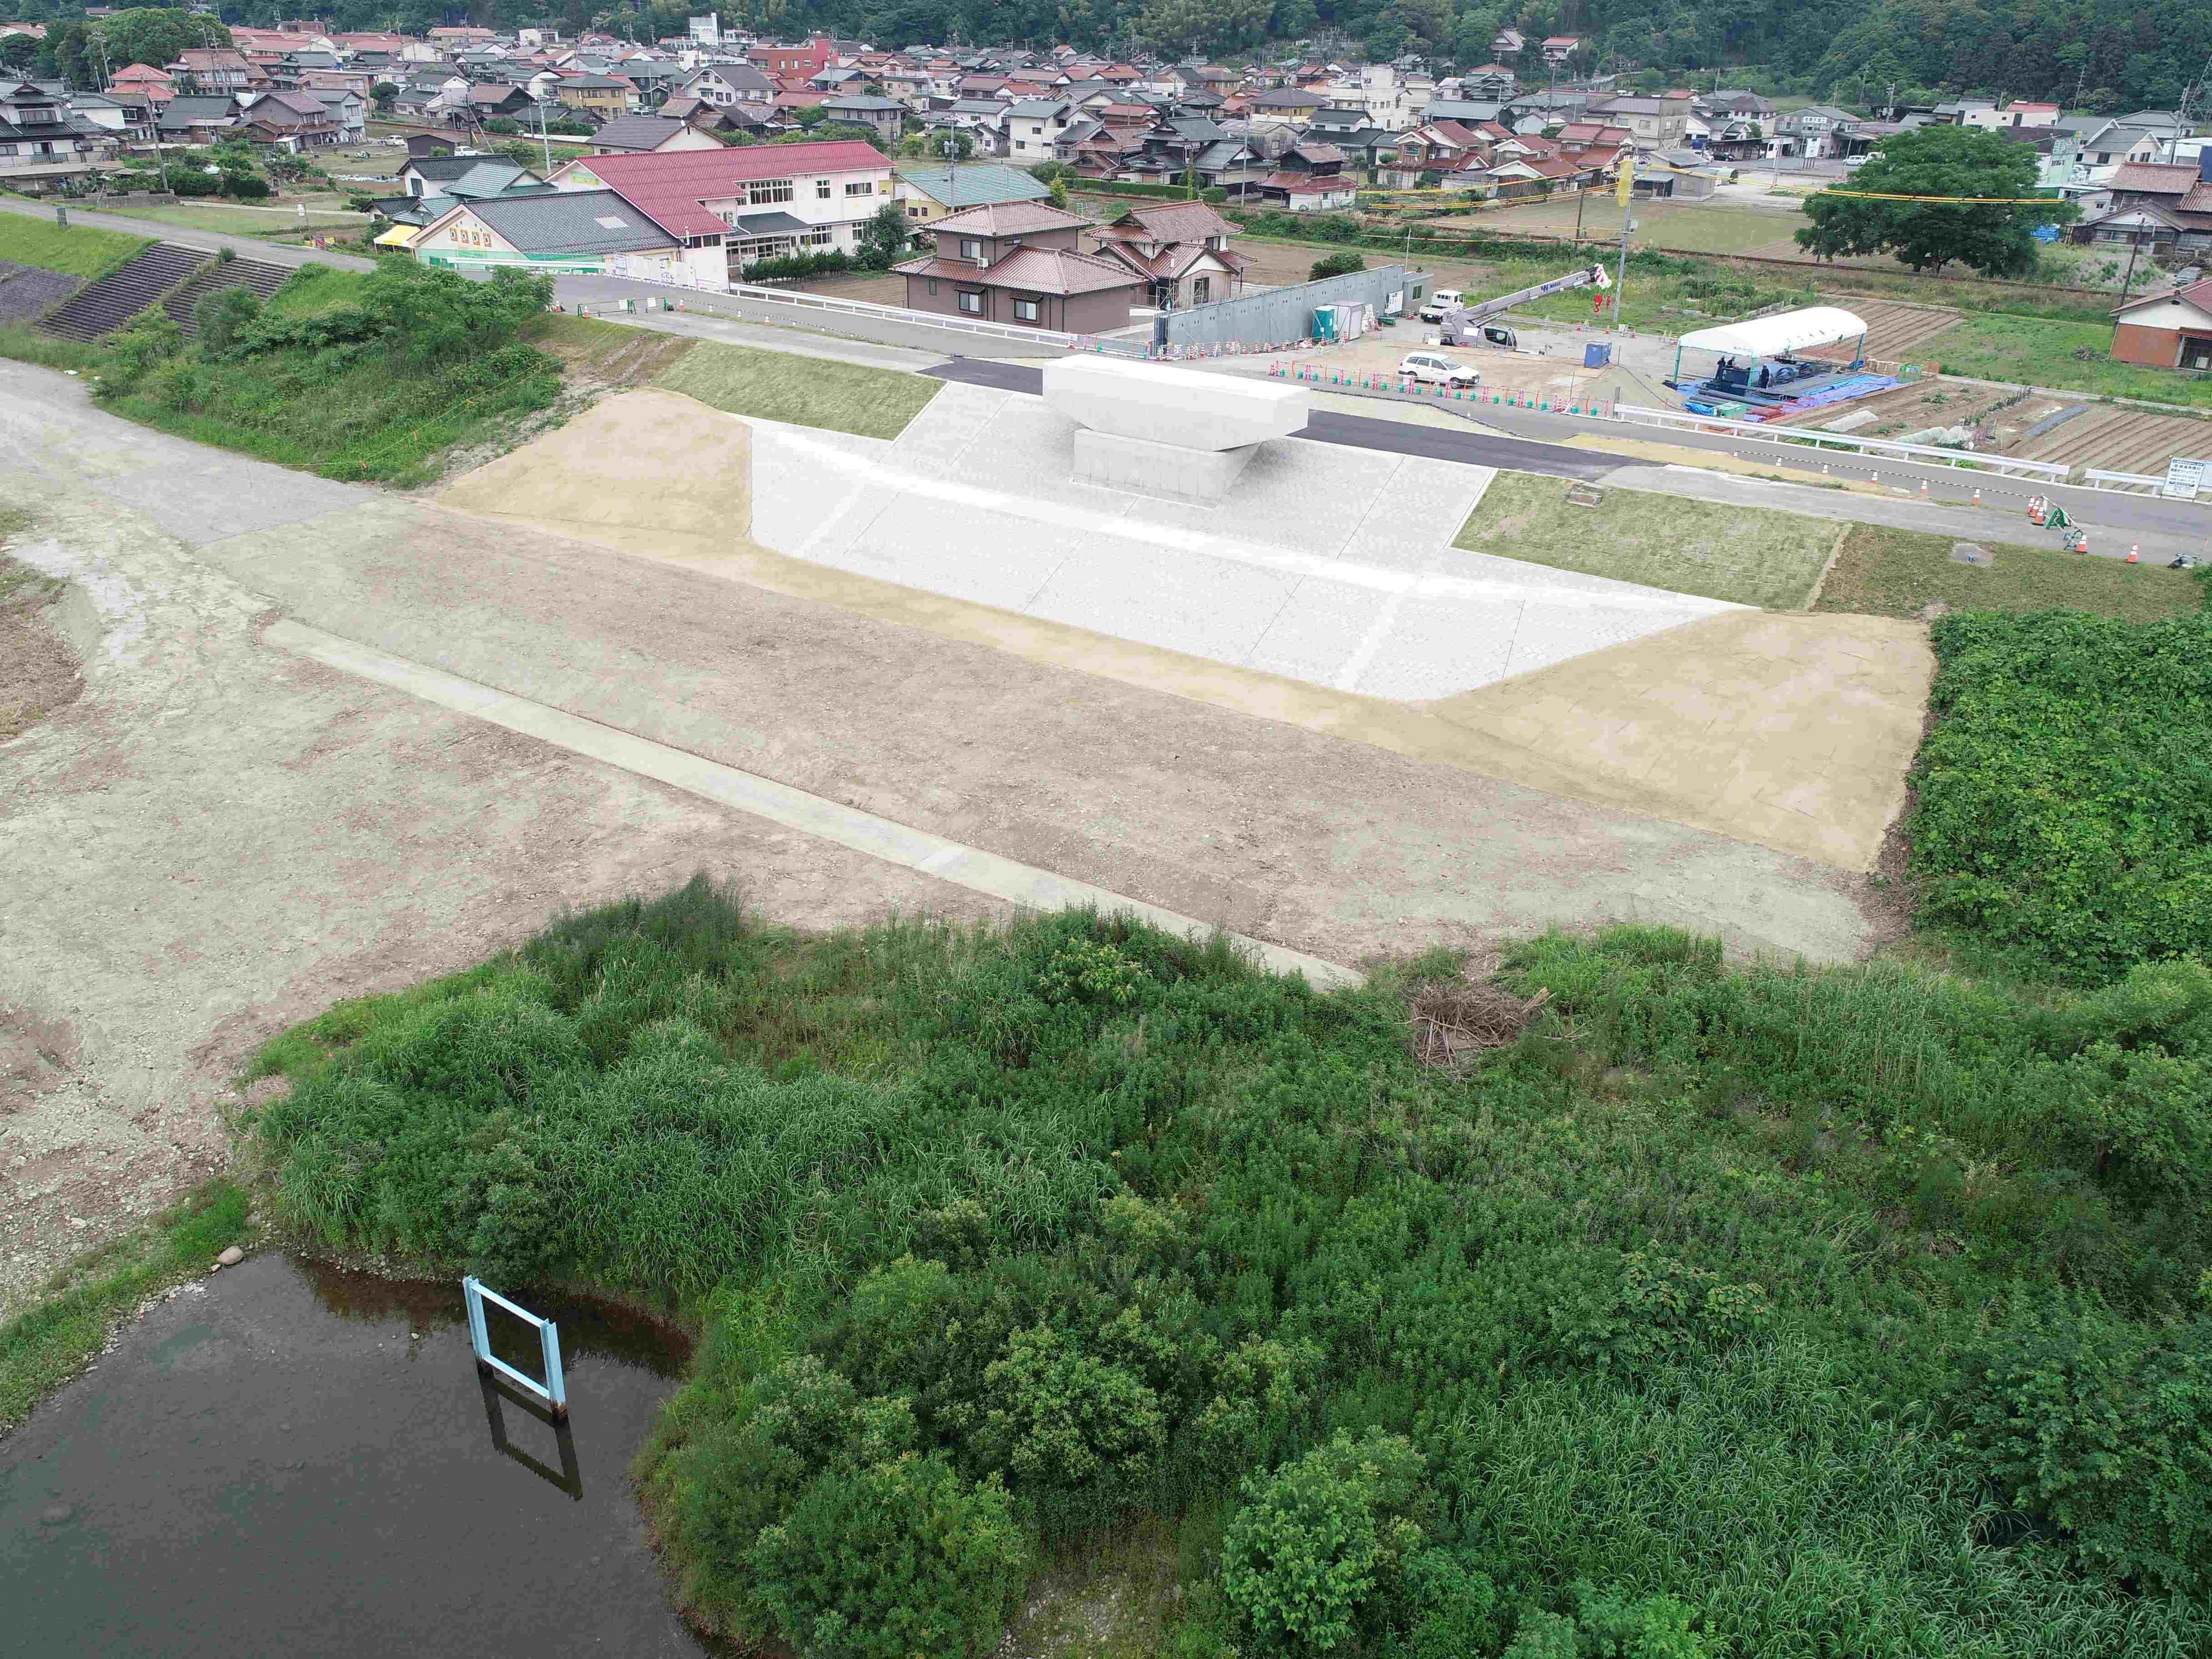 元町人磨線防災安全交付金(街路)橋梁下部第4期工事